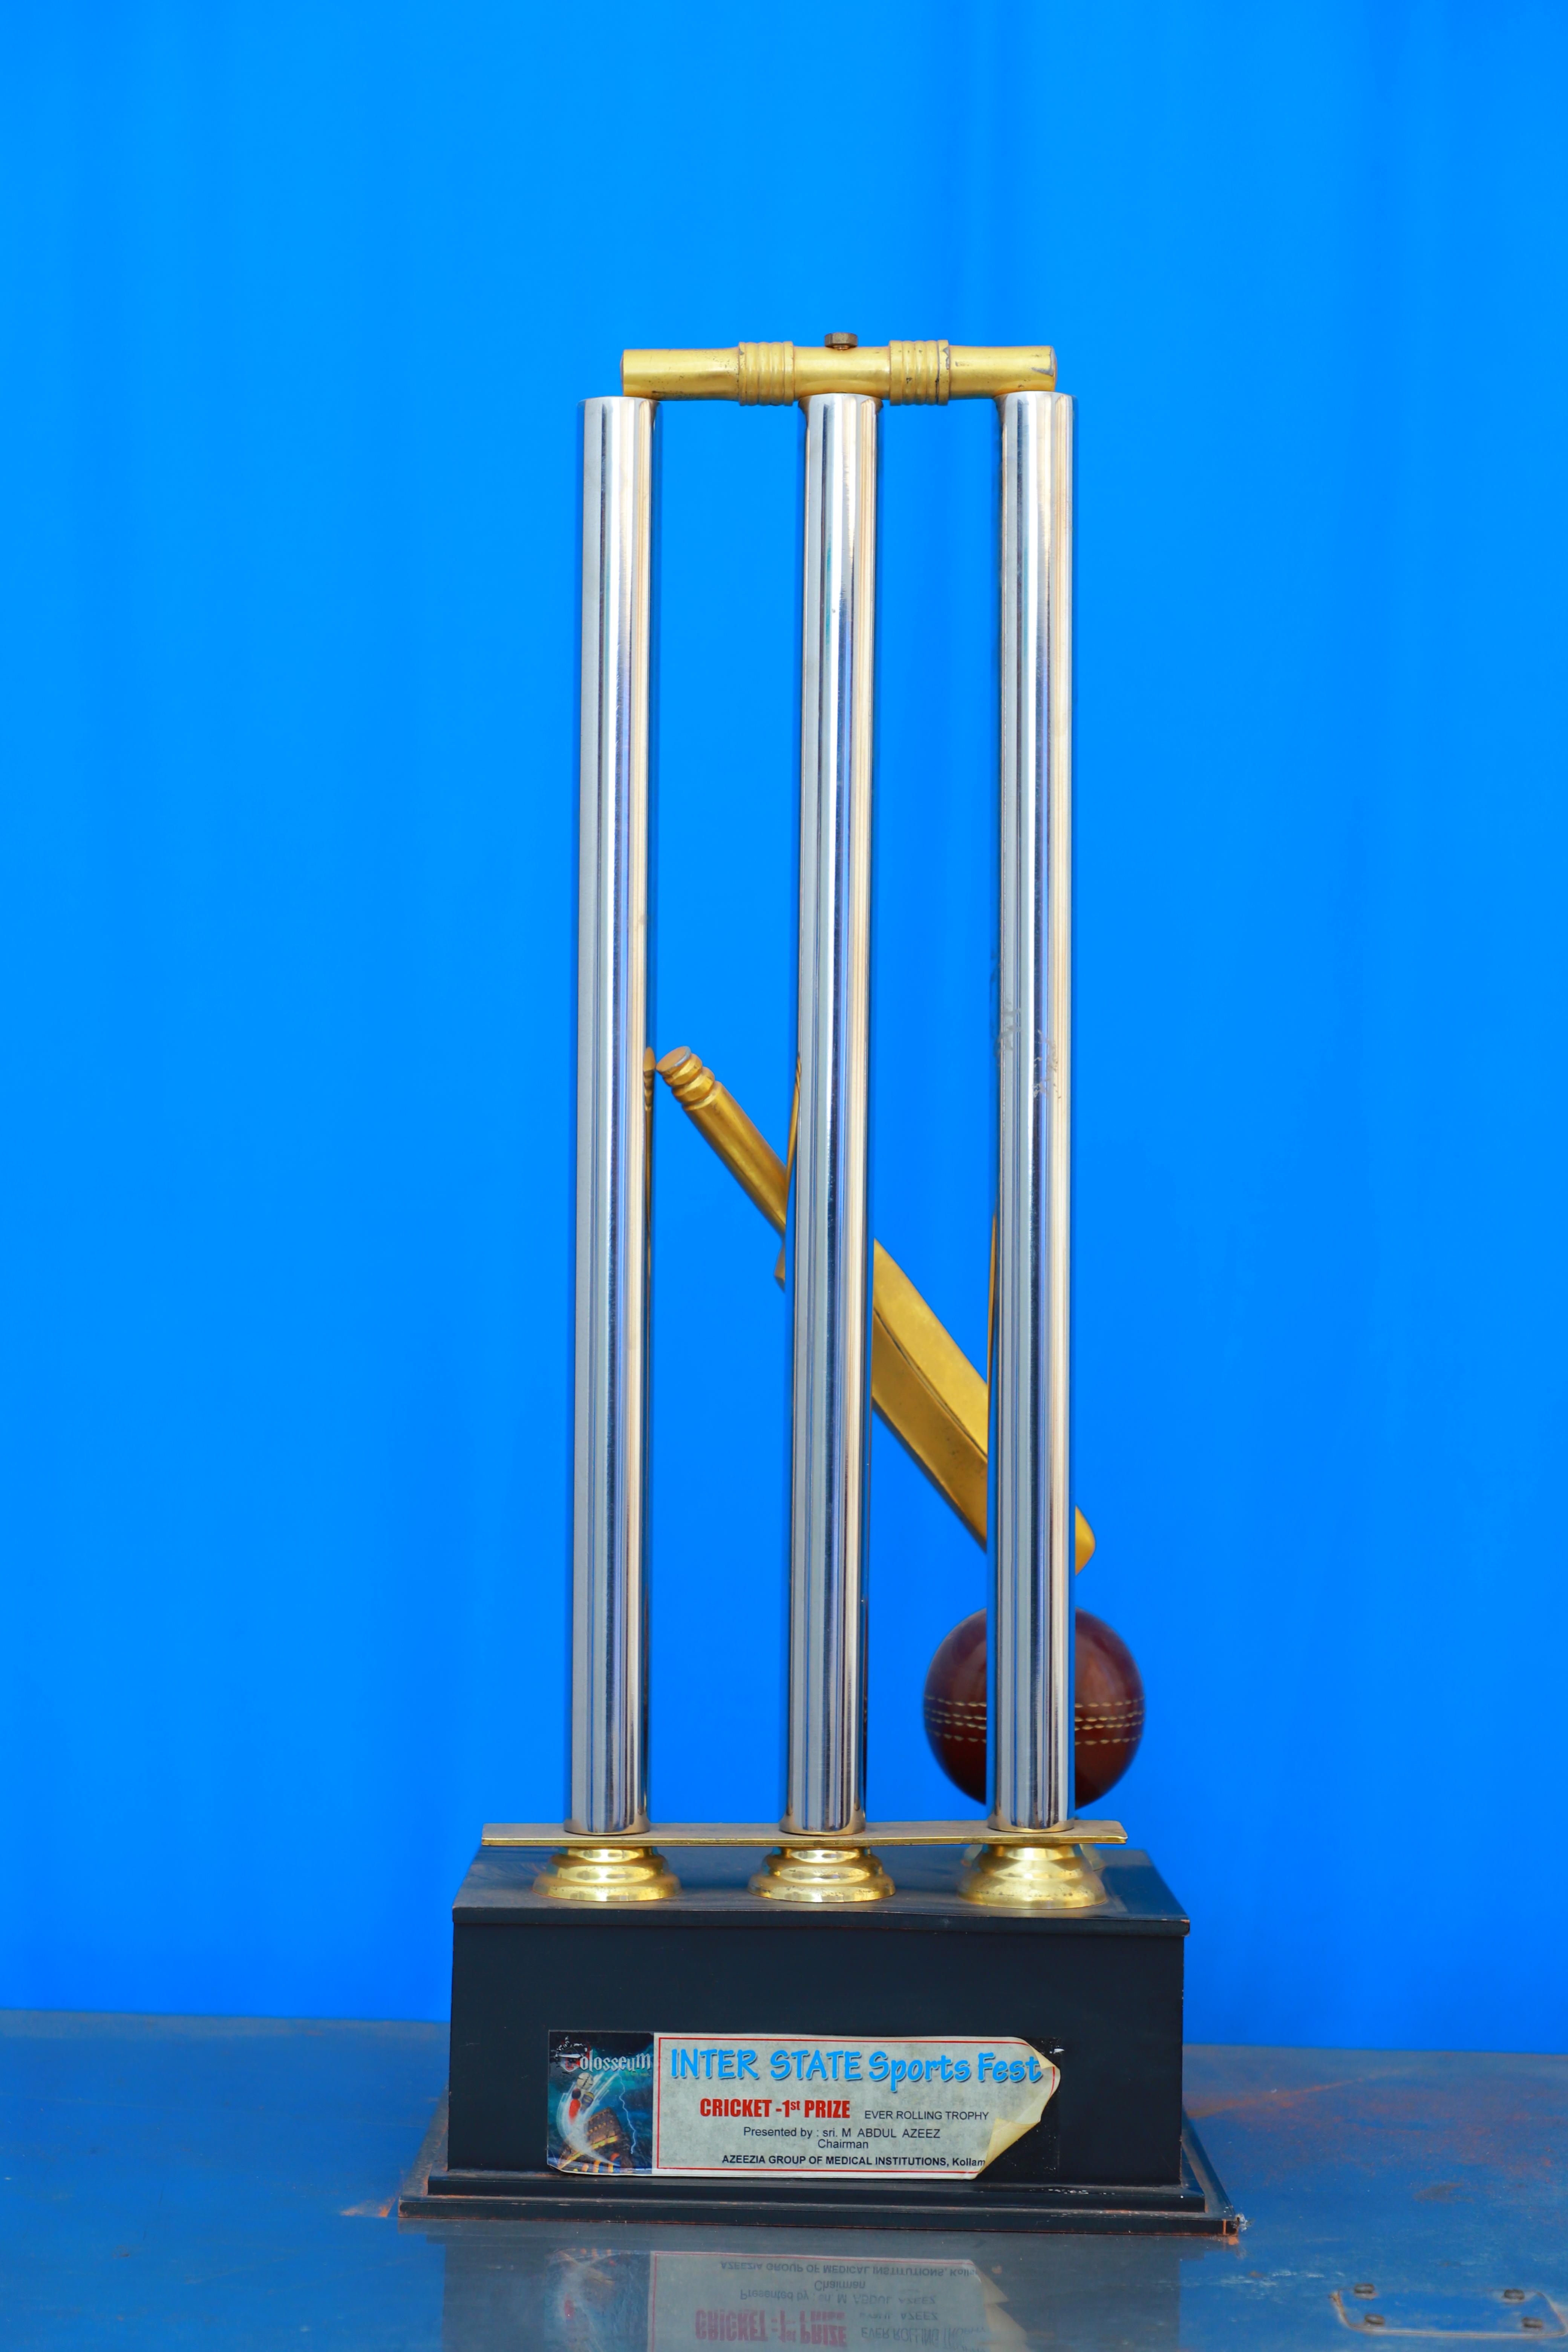 Interstate SportsFest Cricket Champions